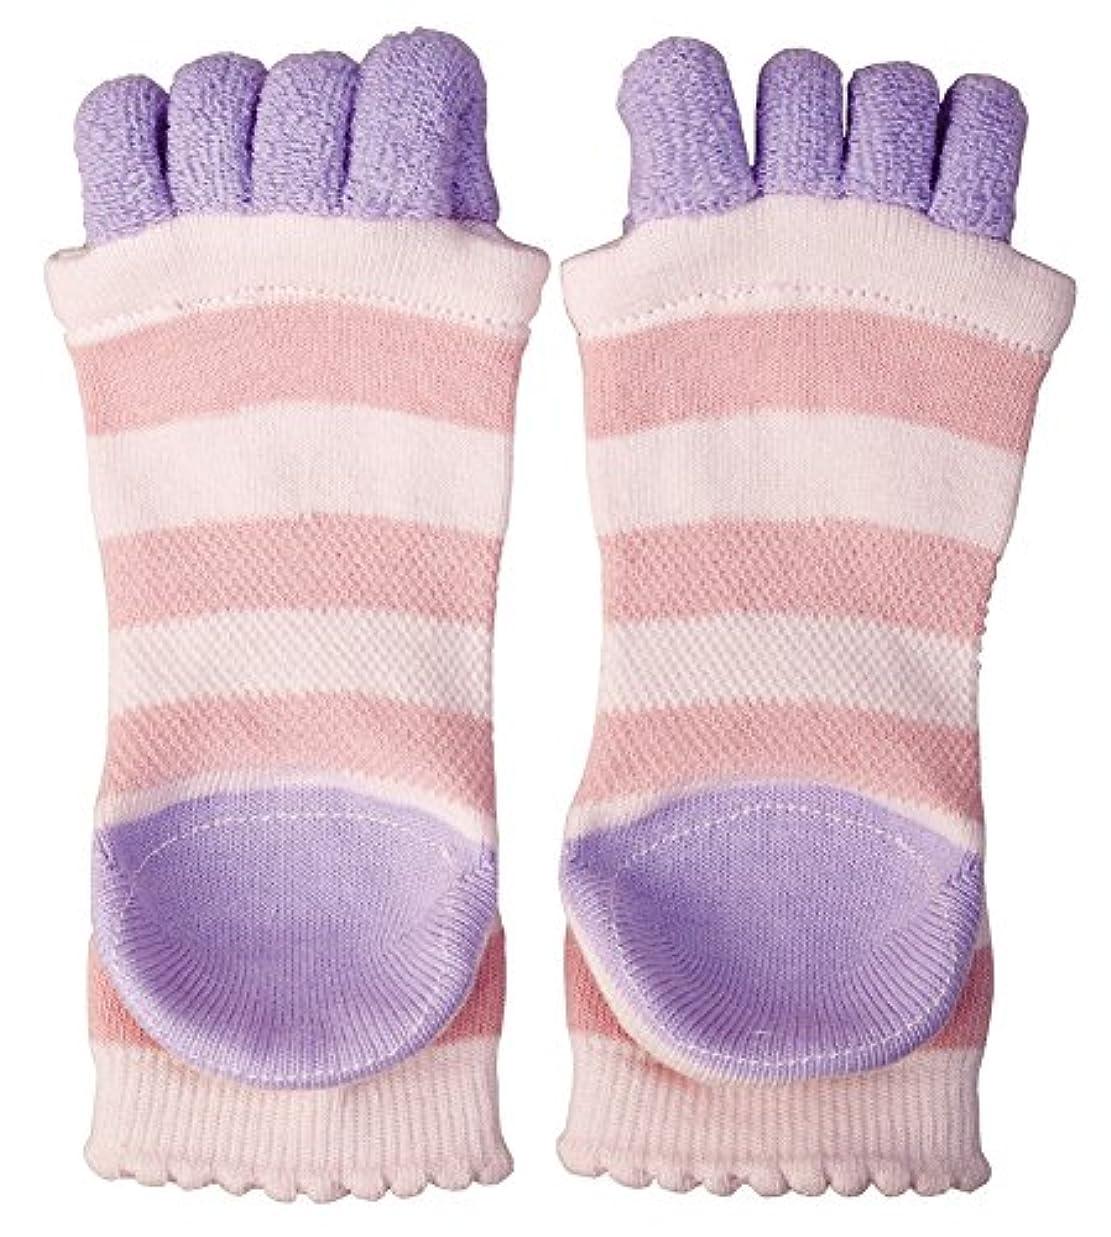 バーゲンシティ抜粋眠れる森の5本指 かかとソックス リラックス/靴下/ケア ピンク?AP-617105